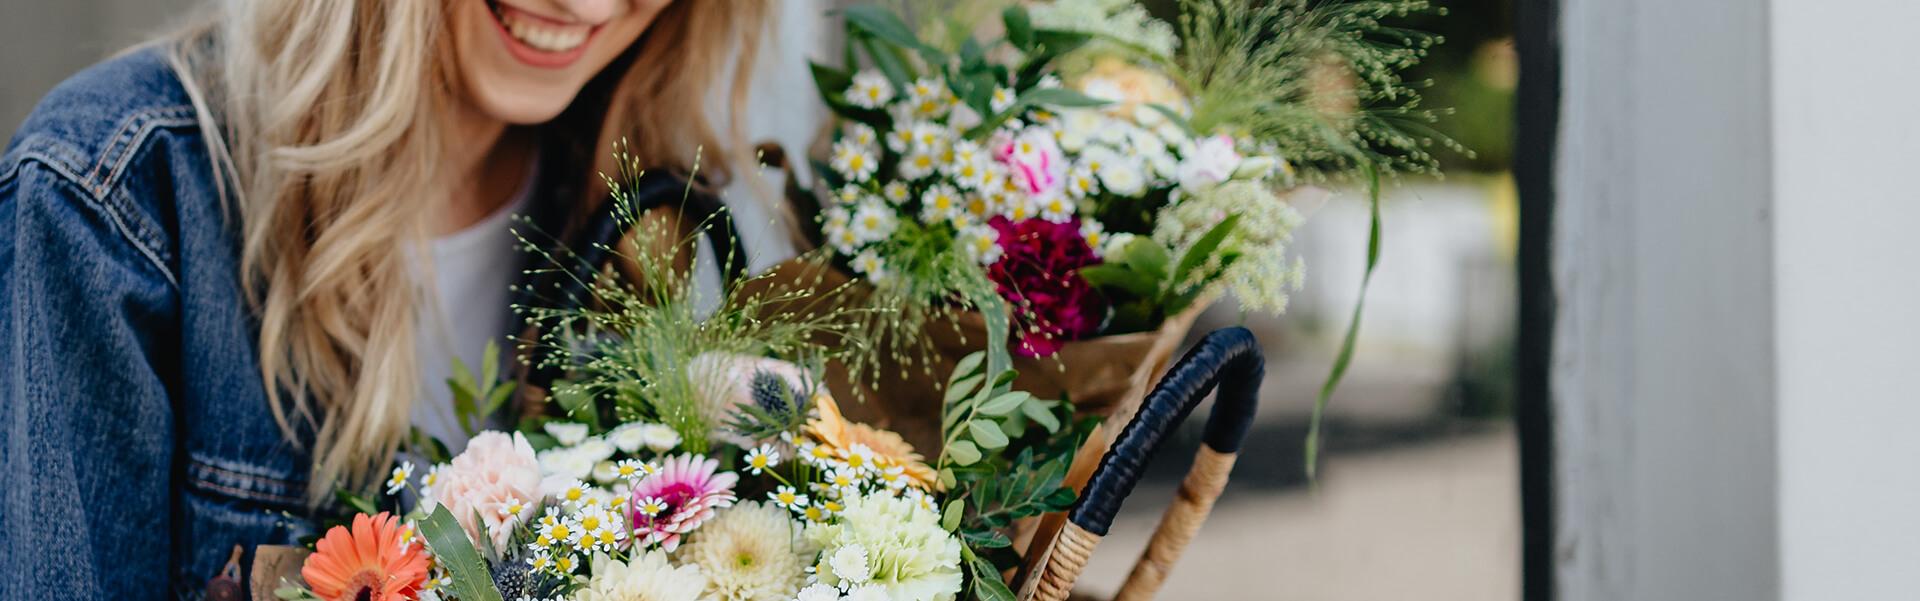 Gėlių pristatymas visoje Lietuvoje! Nustebinkite artimą